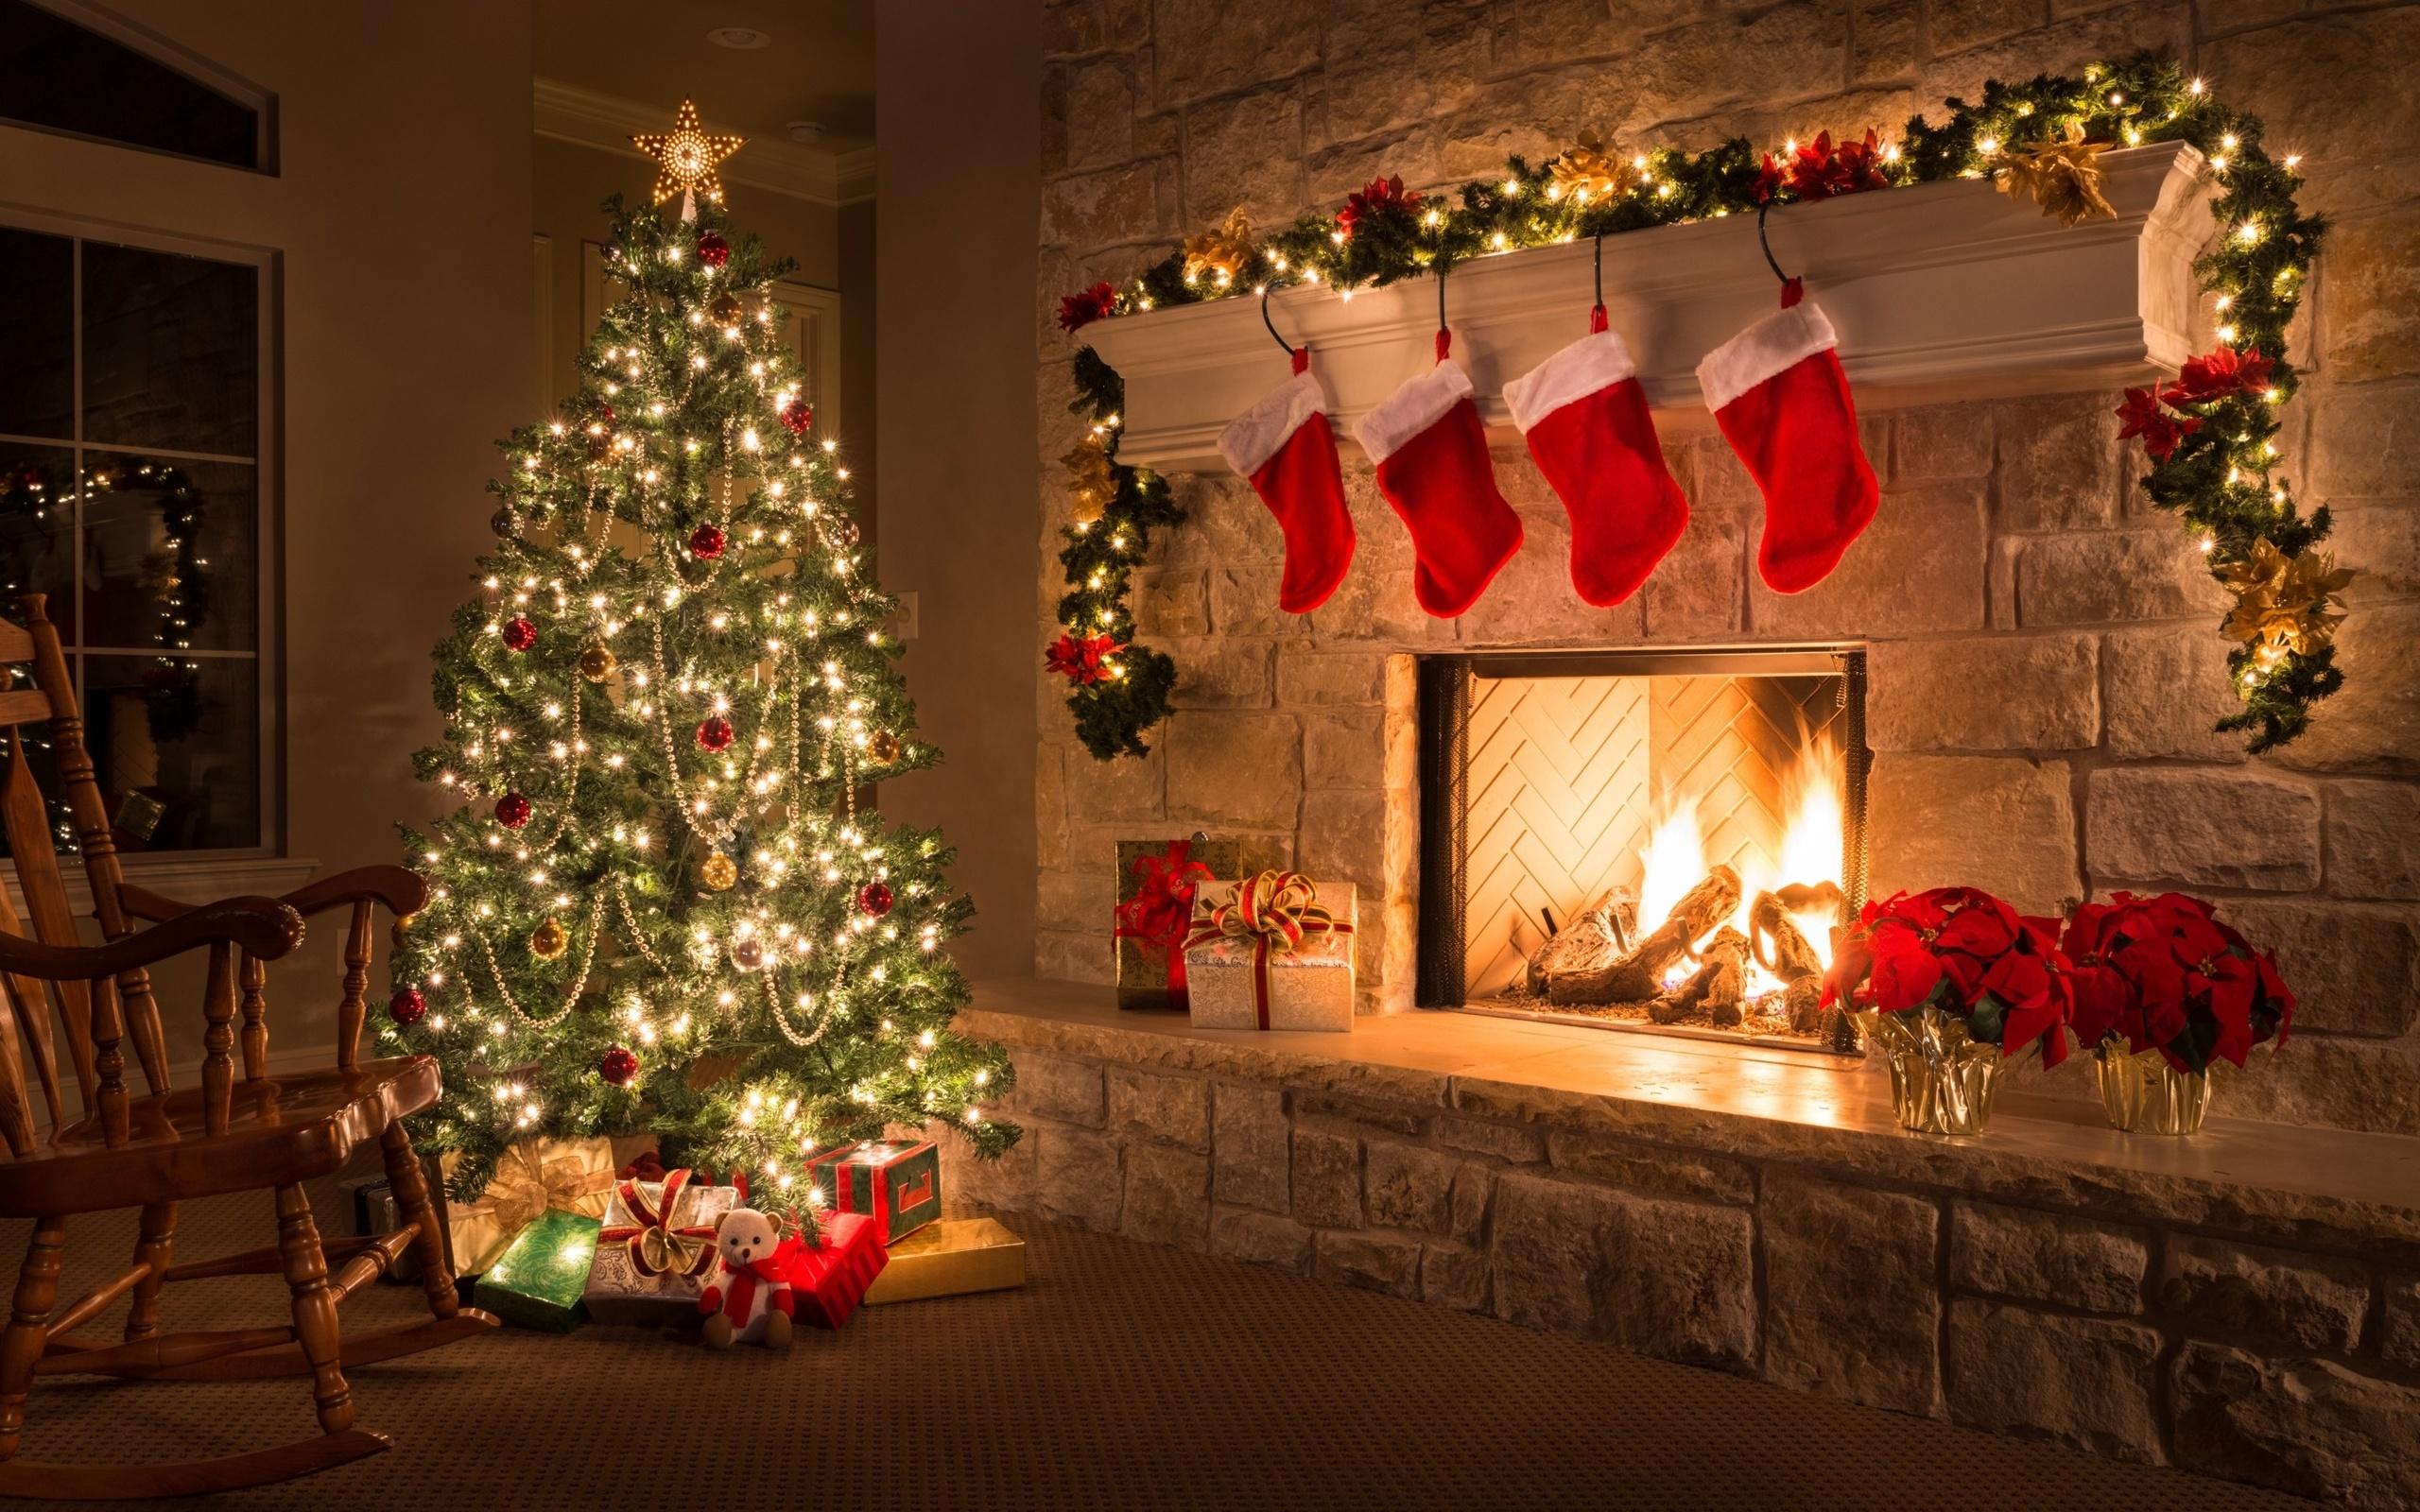 Картинки н рождество, новогодних открыток